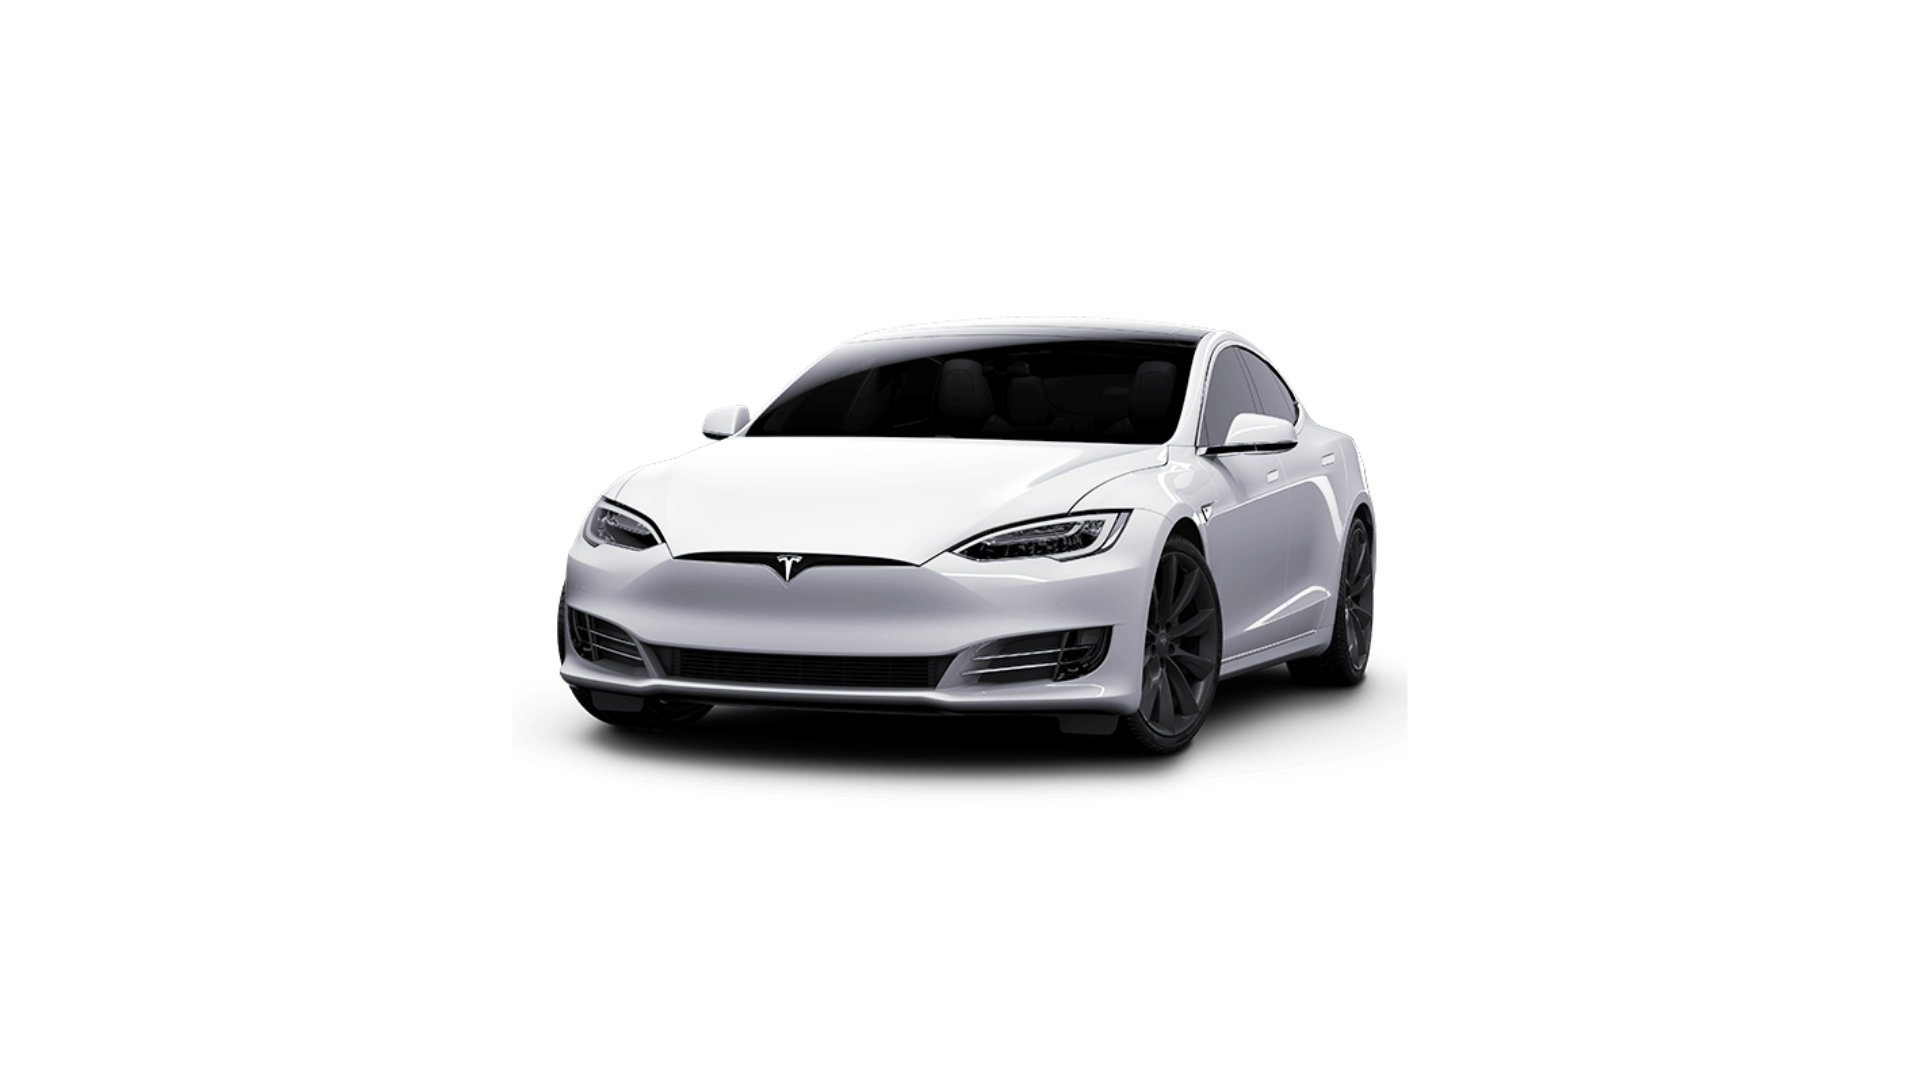 Met À X Les S Trois Jour Model Et Tesla Car Par Précaution Ju5FK1cT3l